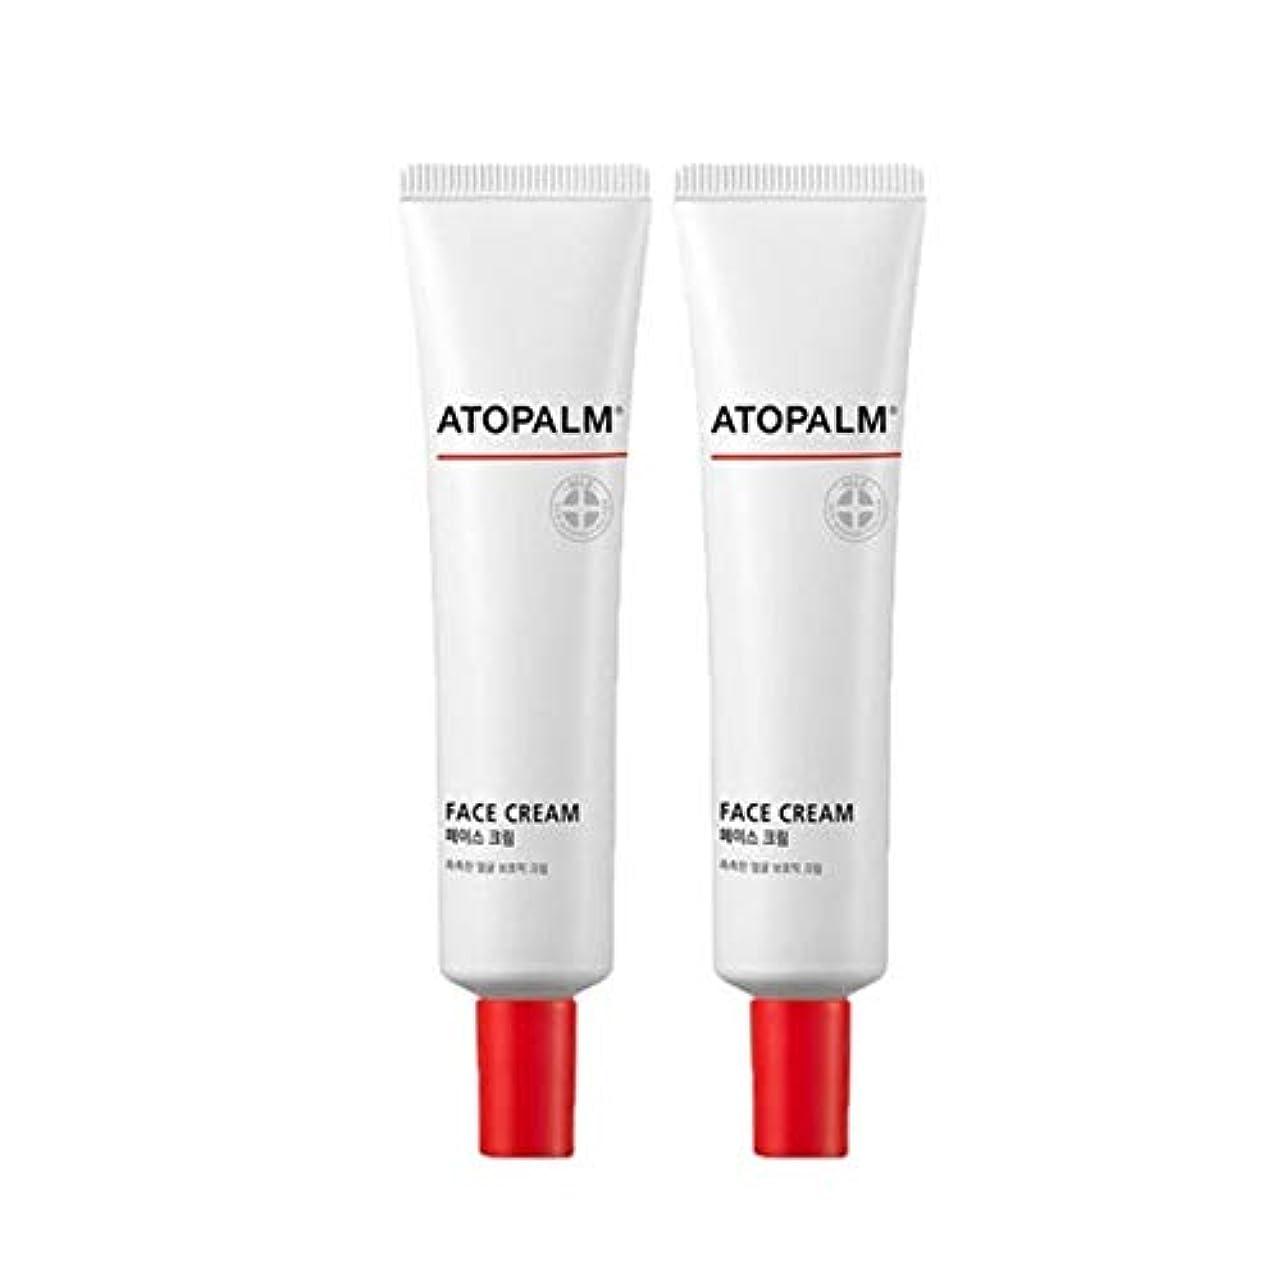 納得させる側溝居住者アトパムフェイスクリーム35mlx2本セット韓国コスメ、Atopalm Face Cream 35ml x 2ea Set Korean Cosmetics [並行輸入品]